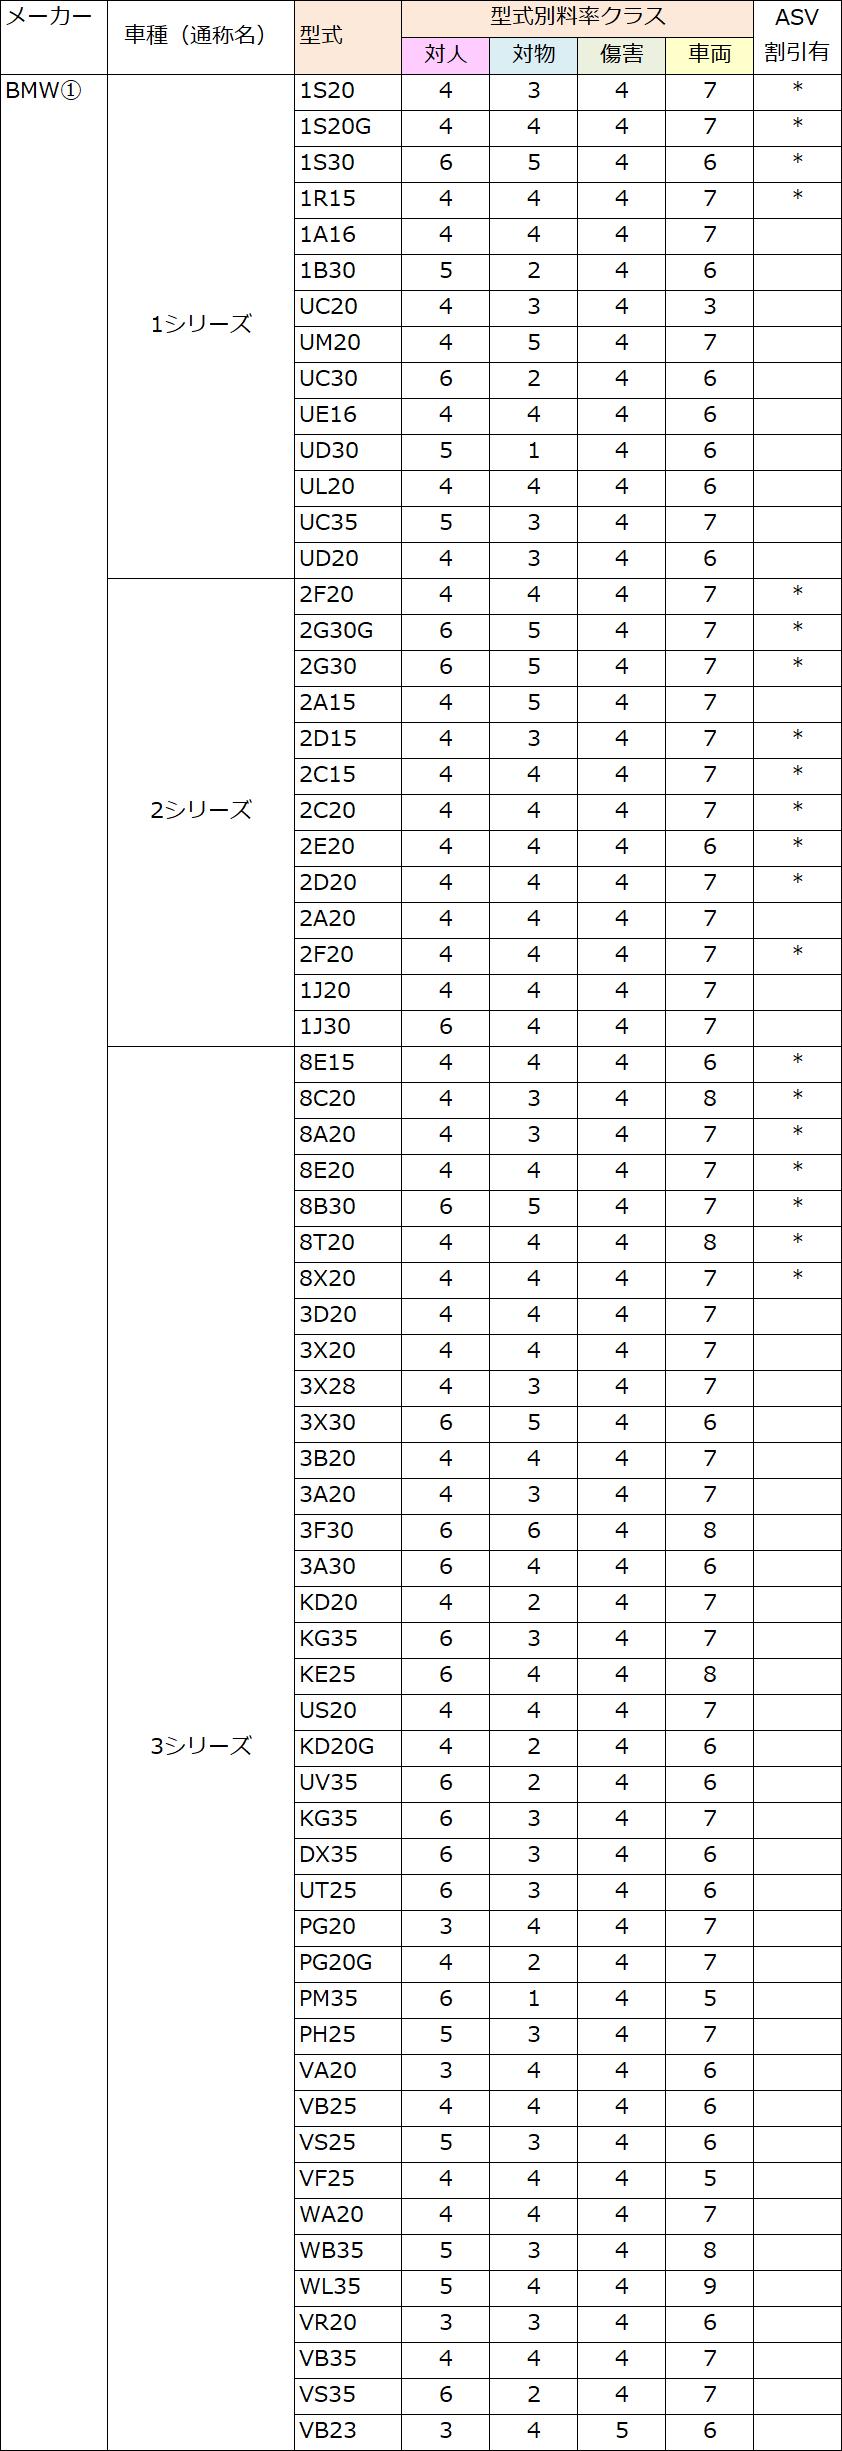 BMT(1・2・3)の料率クラス